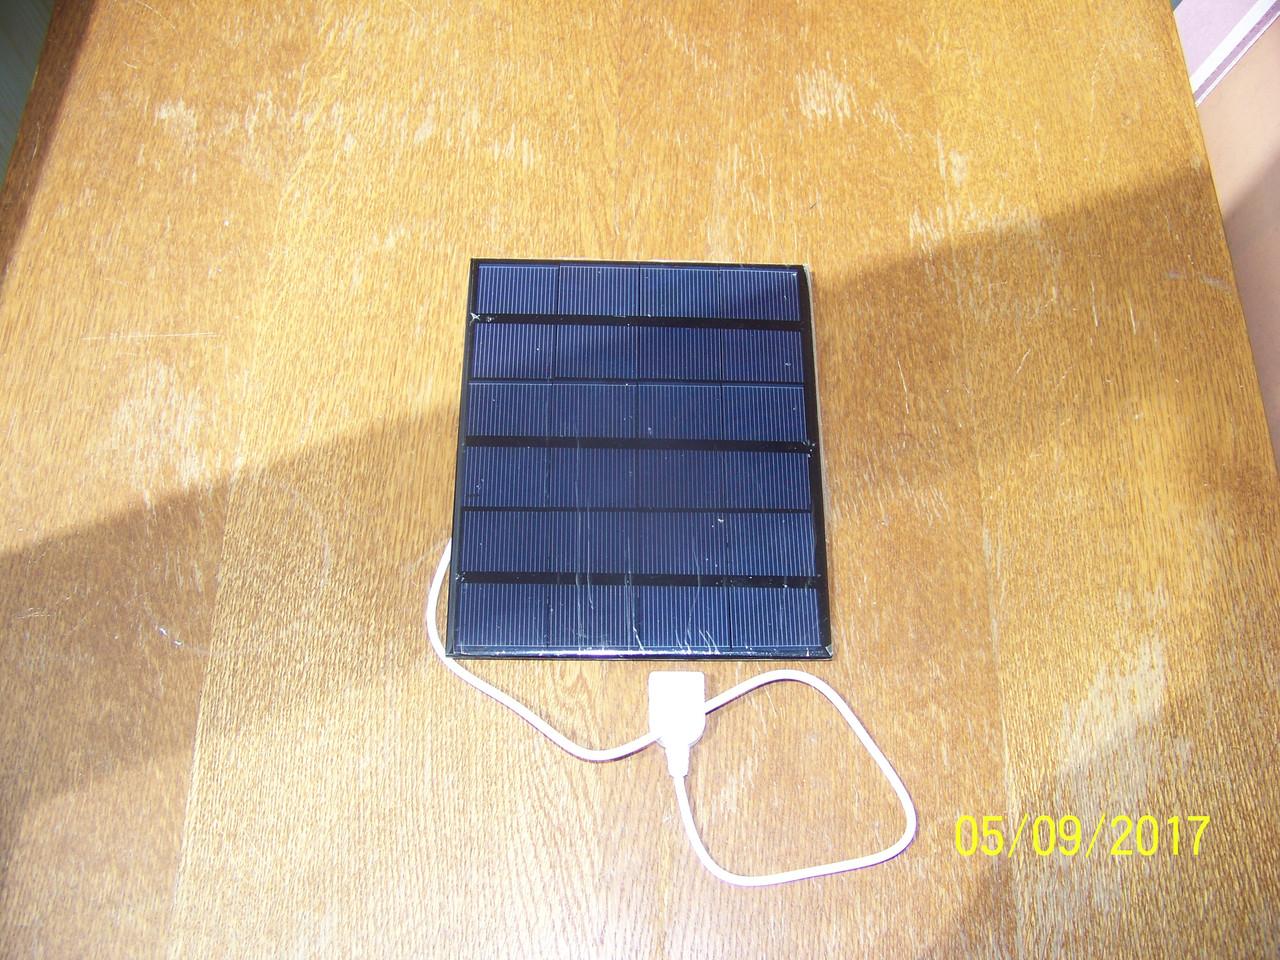 Сонячна панель 3,6 W з USB виходом